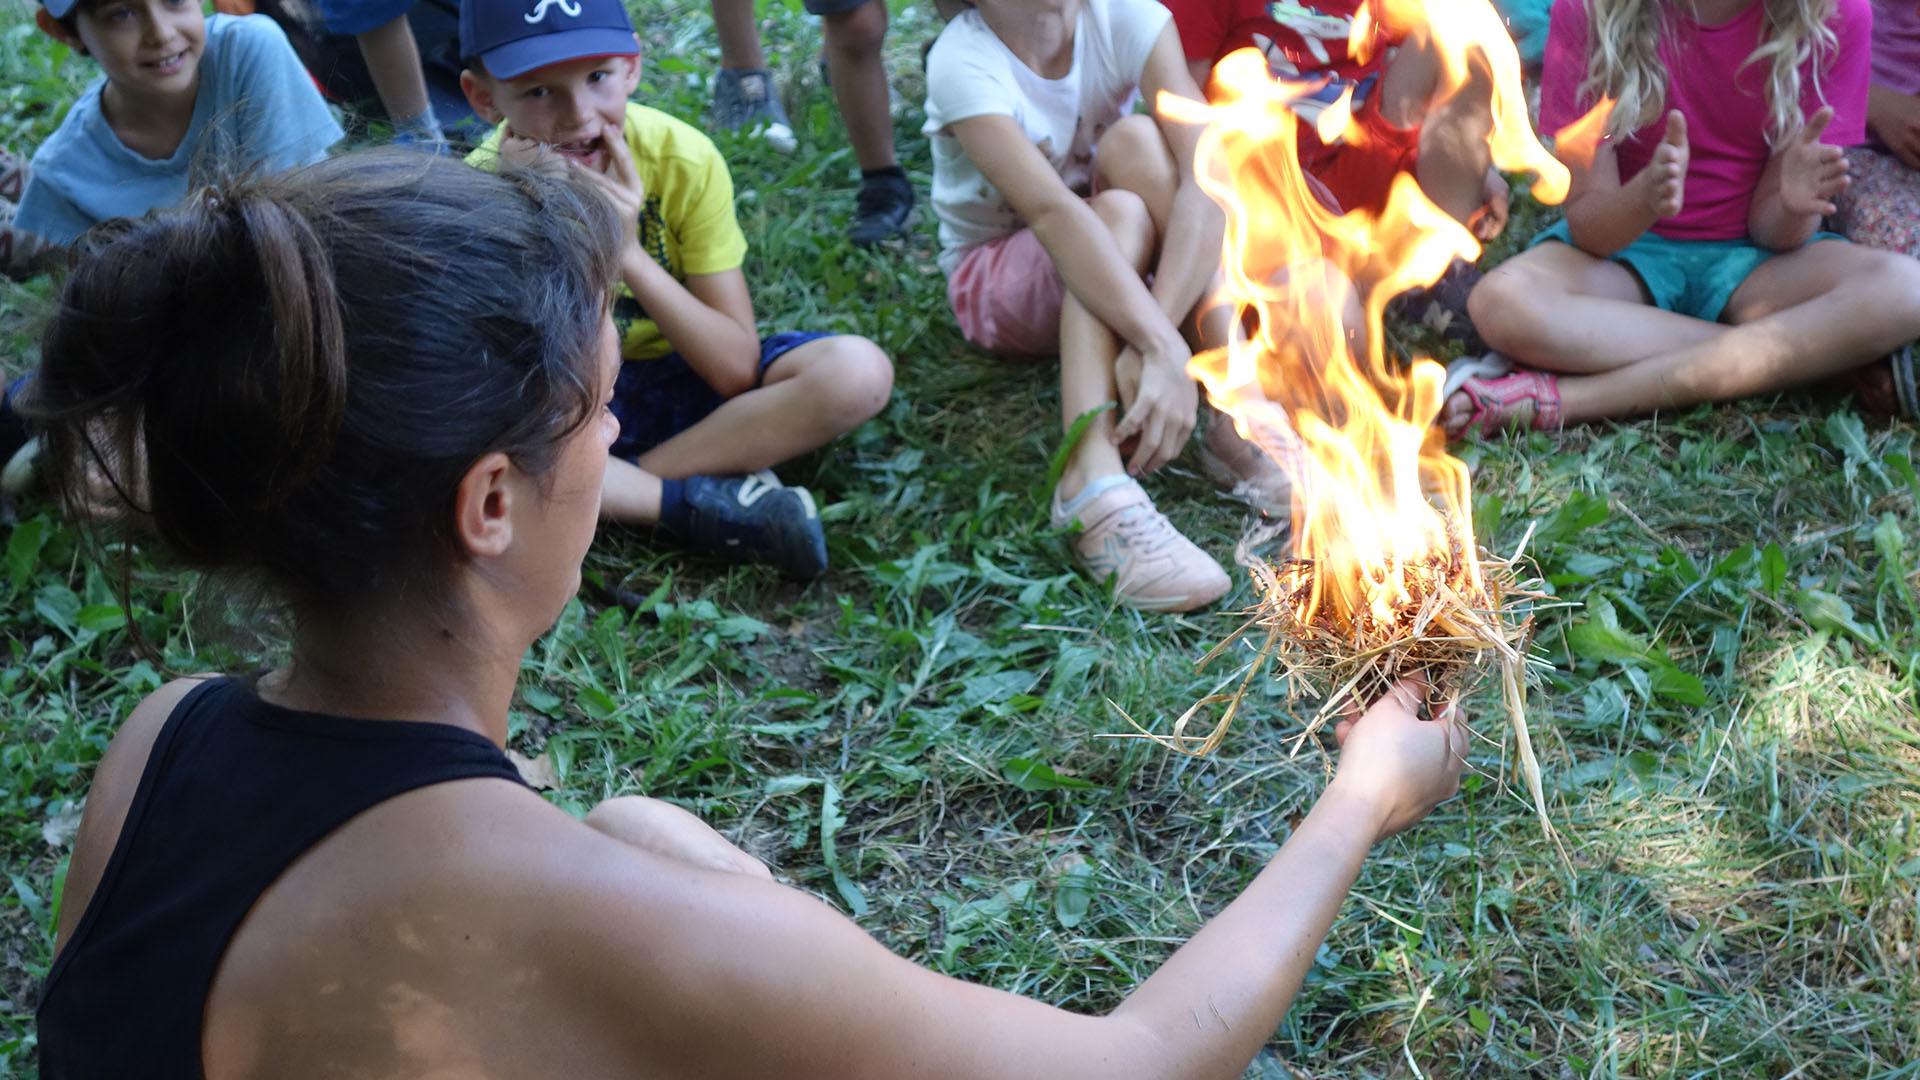 fabrication du feu comme au temps de la préhistoire